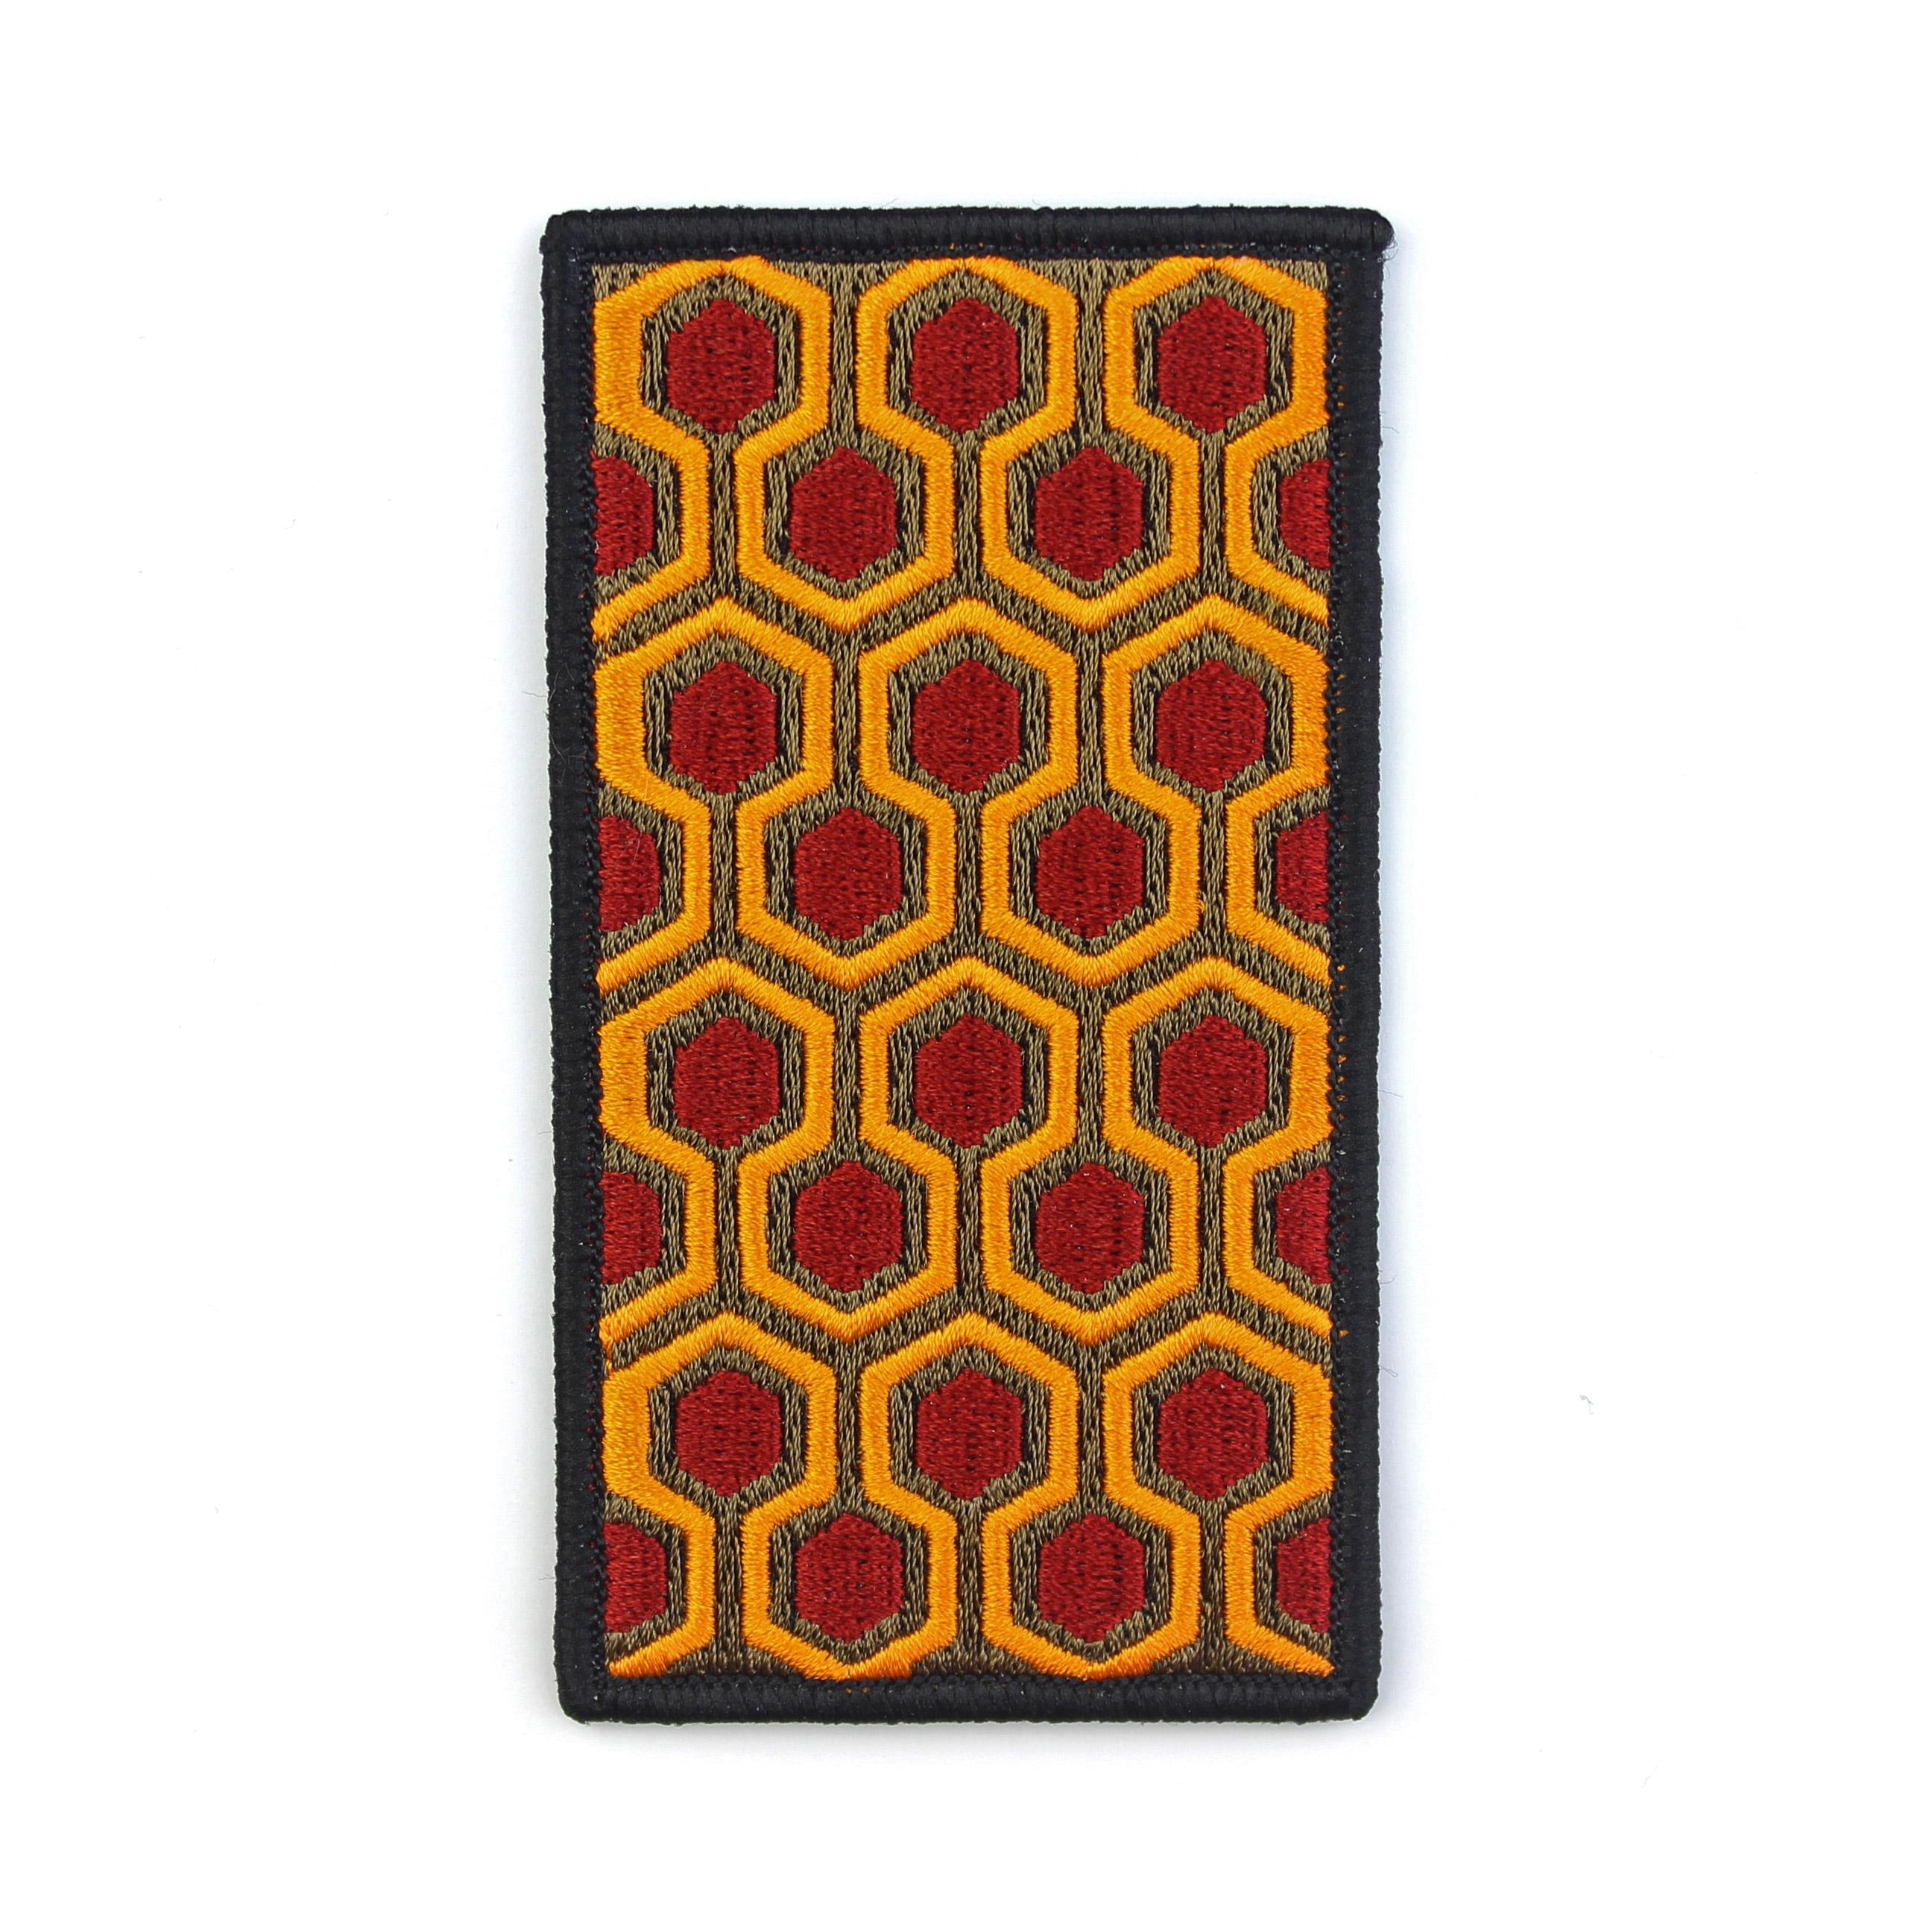 The Shining Carpet Carpet Vidalondon